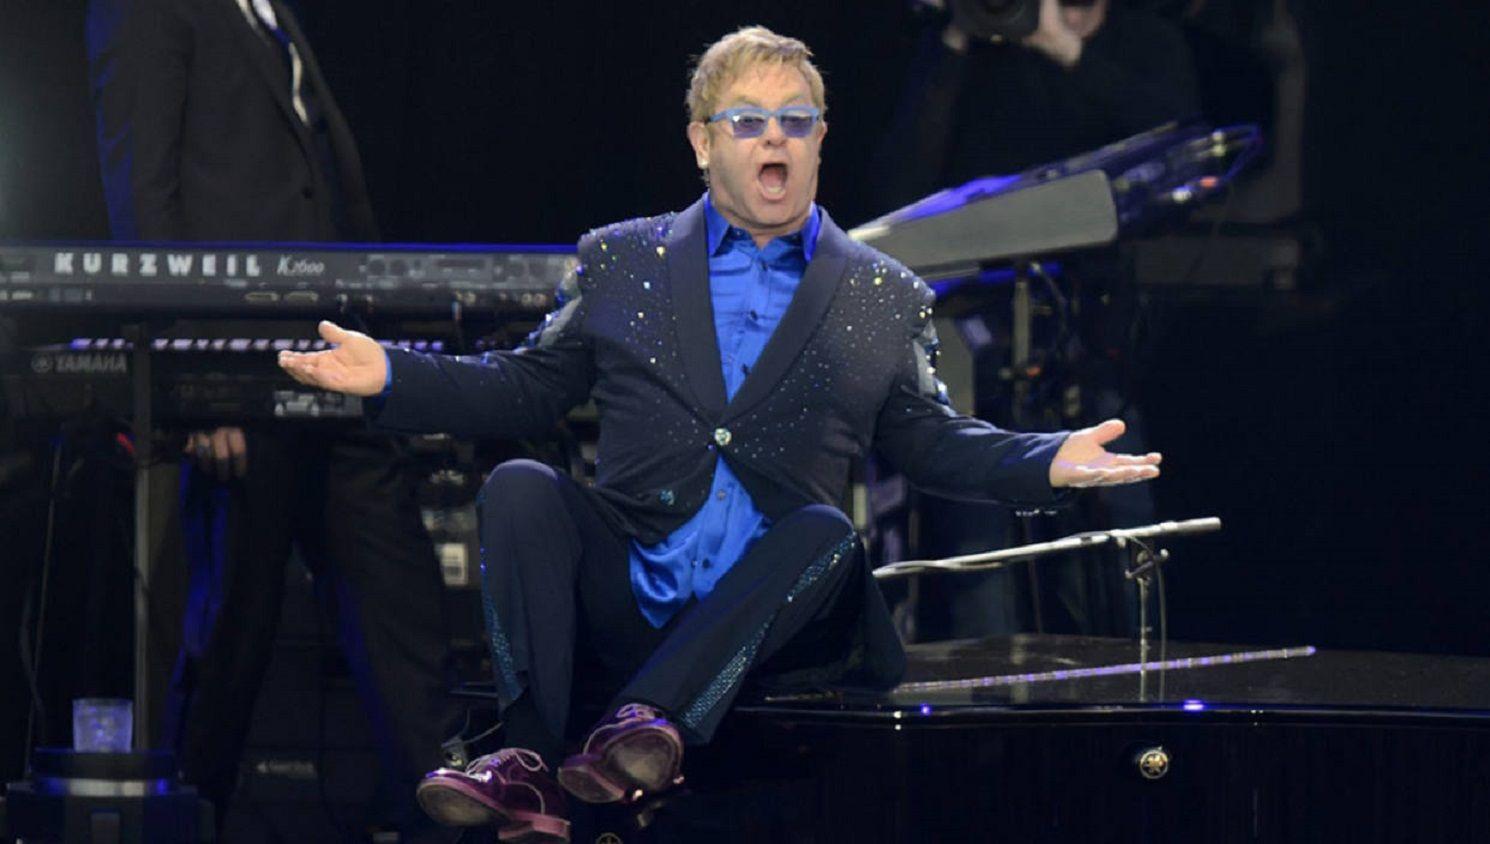 VIDEO: Elton John explotó y dejó el escenario por culpa de un fan toquetón